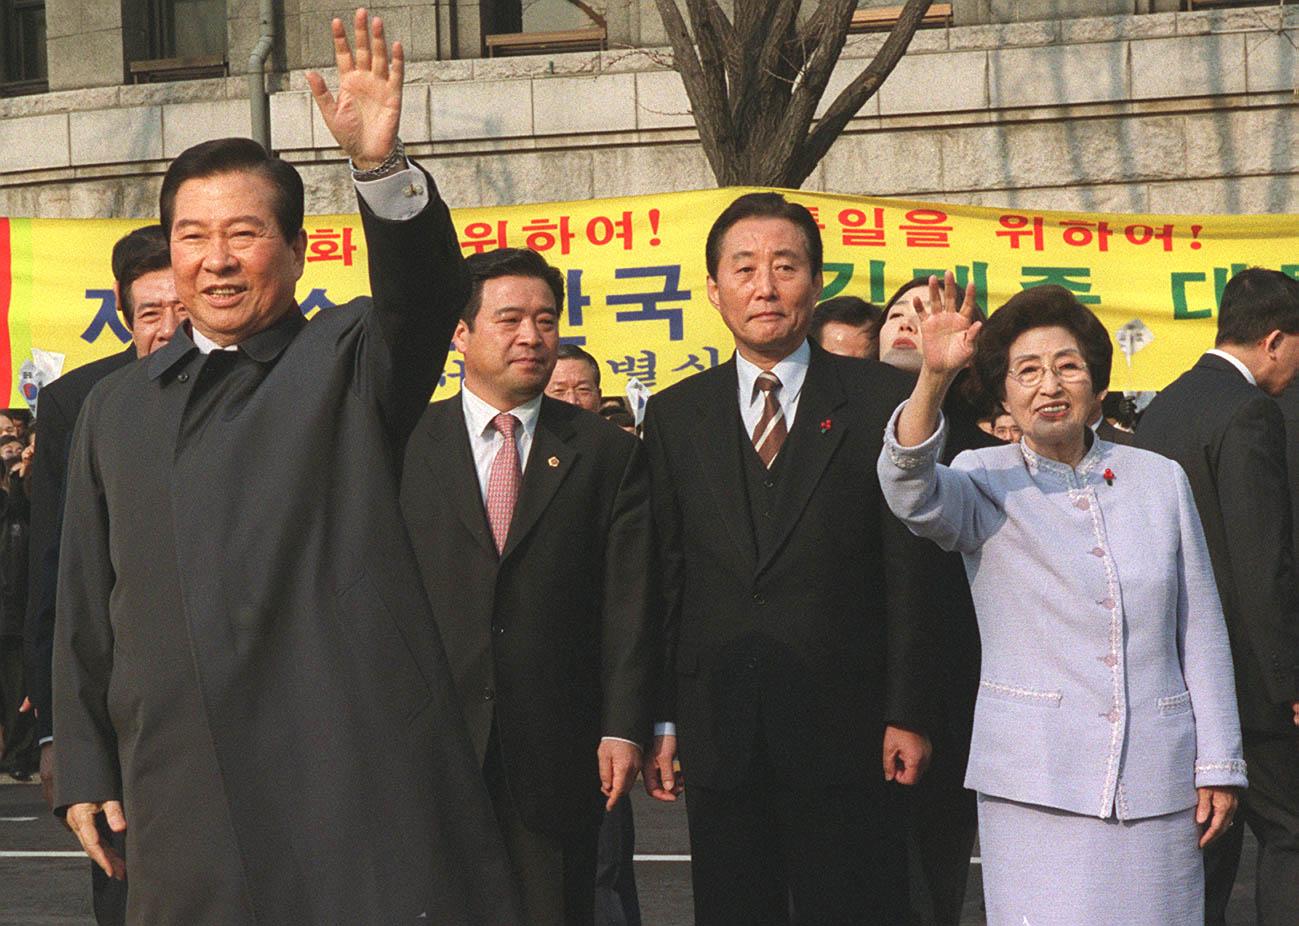 2000년 노벨상을 수상하고 귀국한 김대중대통령과 부인 이희호 여사가 시청 앞에서 환영나온 시민들과 인사를 나누고 있다. [중앙포토]